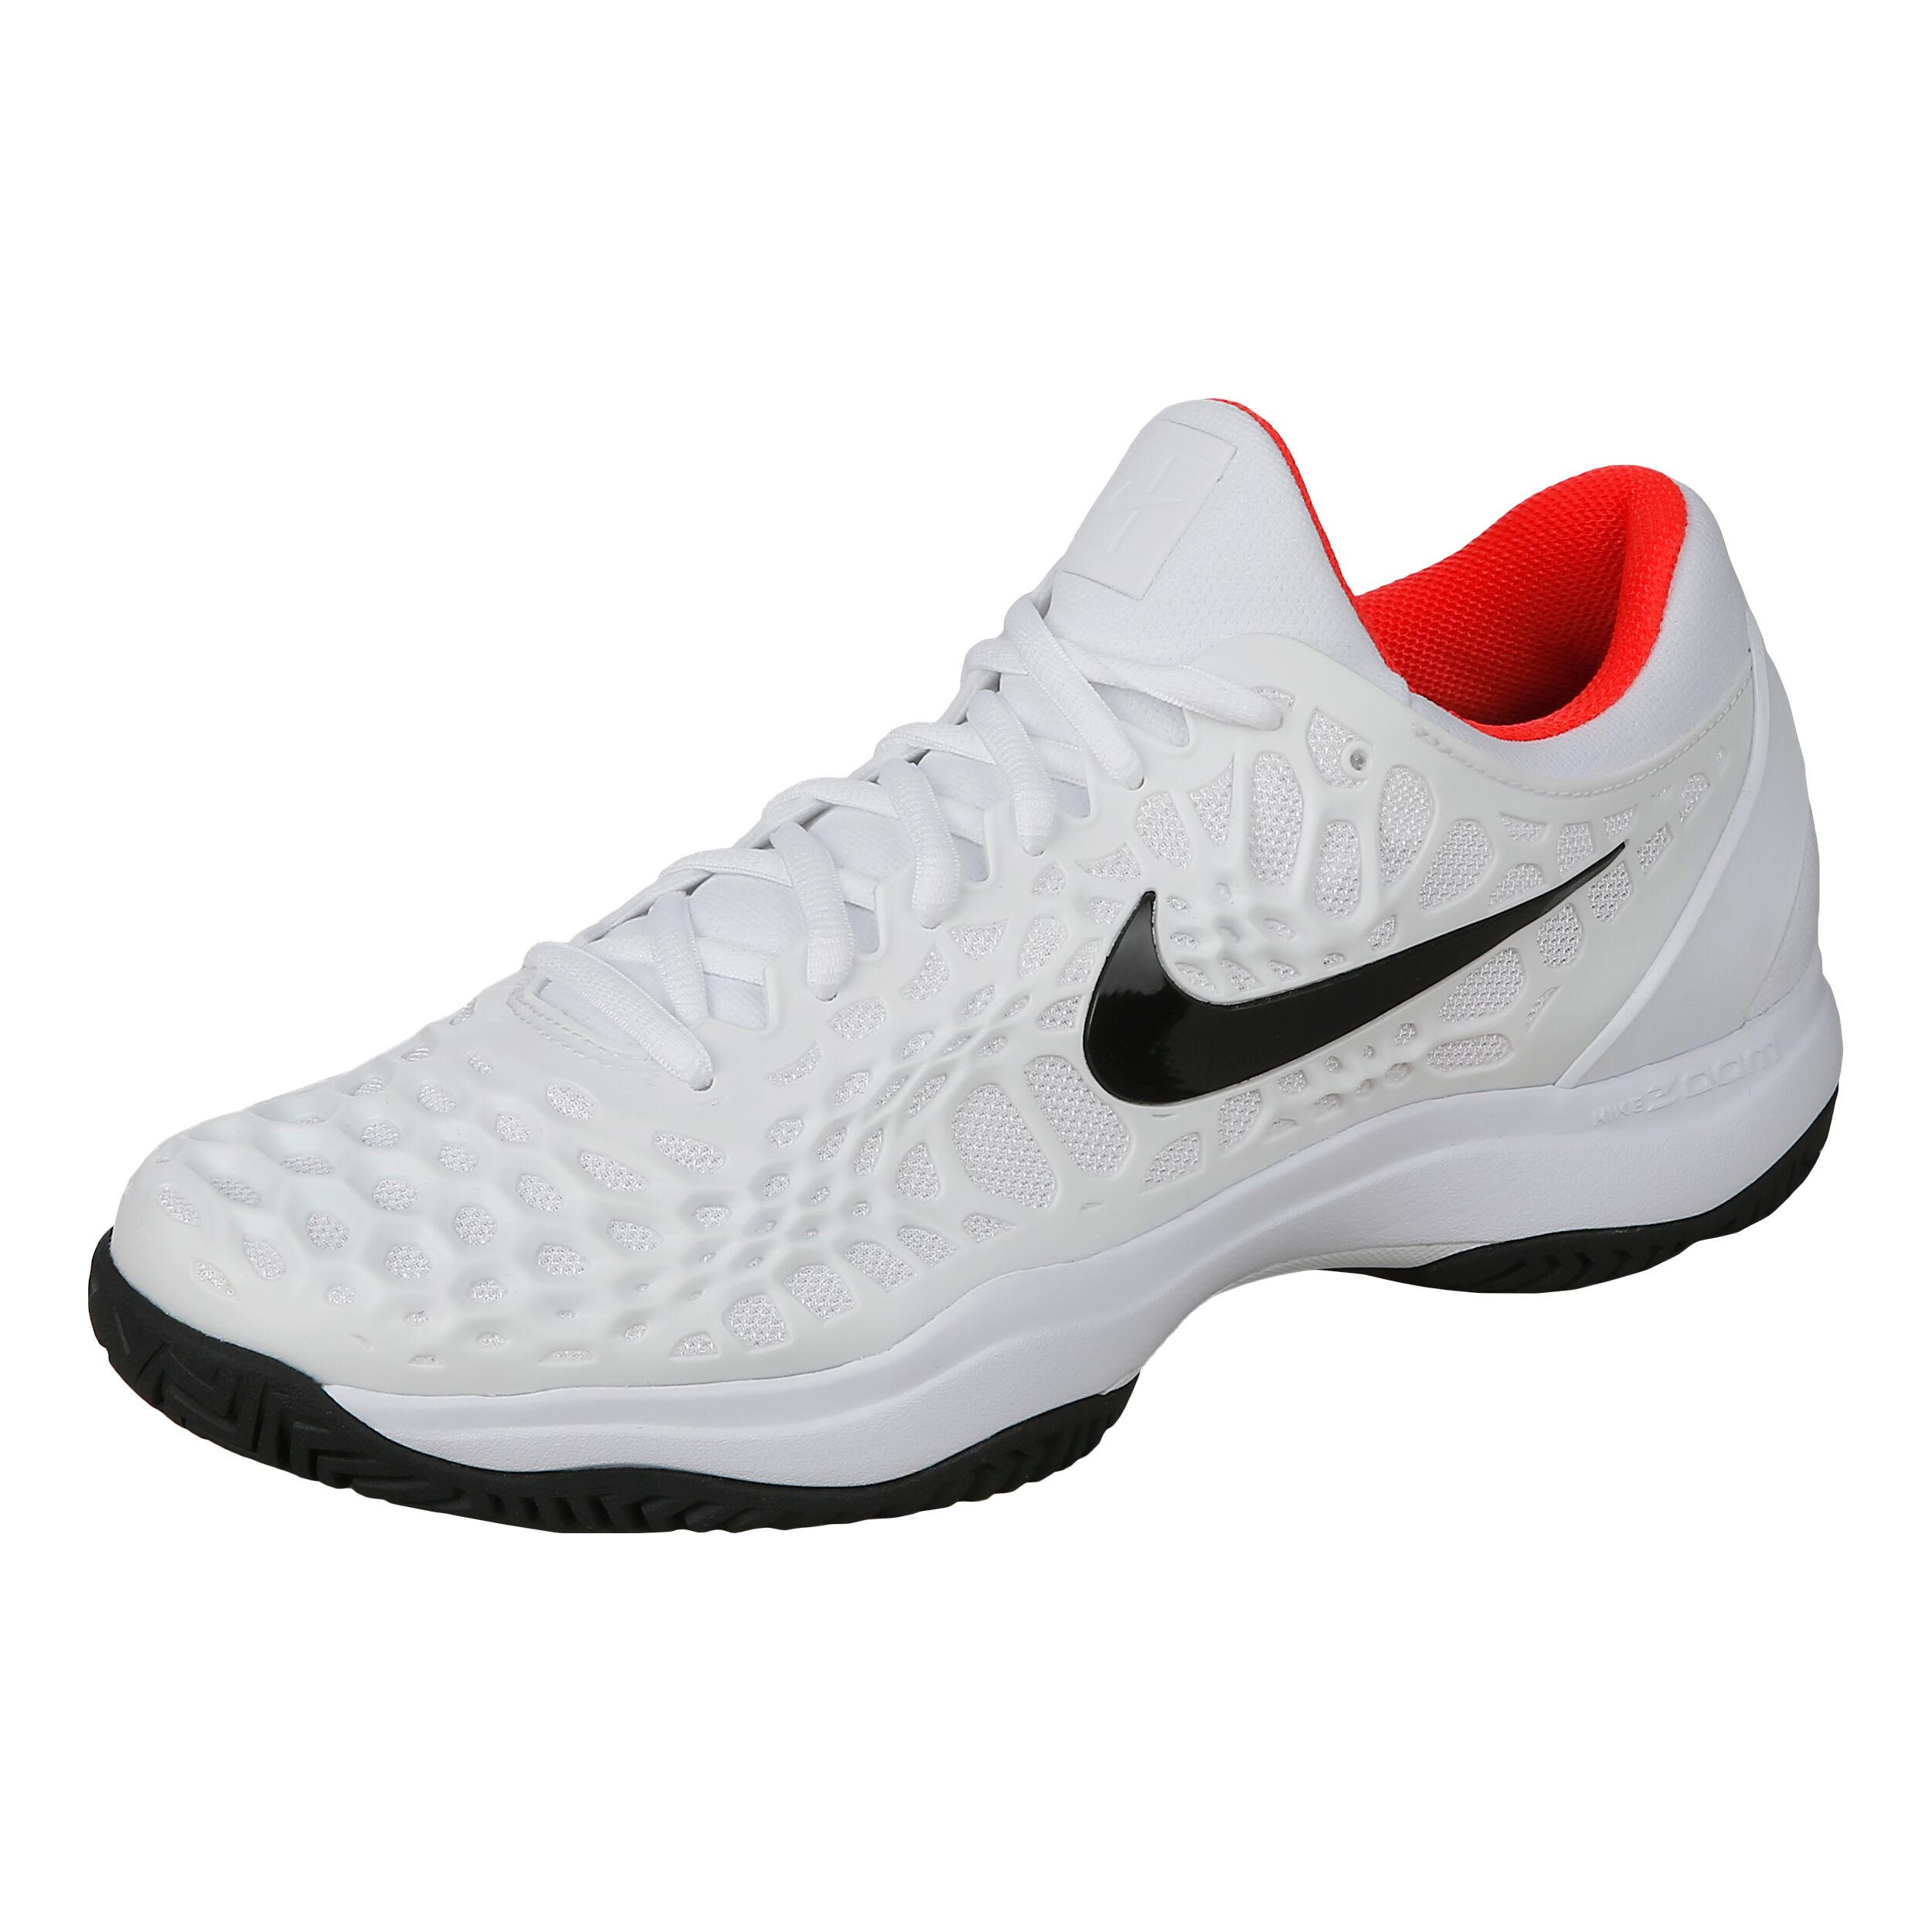 Nike Air Zoom Cage 3 HC Scarpa Per Tutte Le Superfici Uomini Bianco, Nero